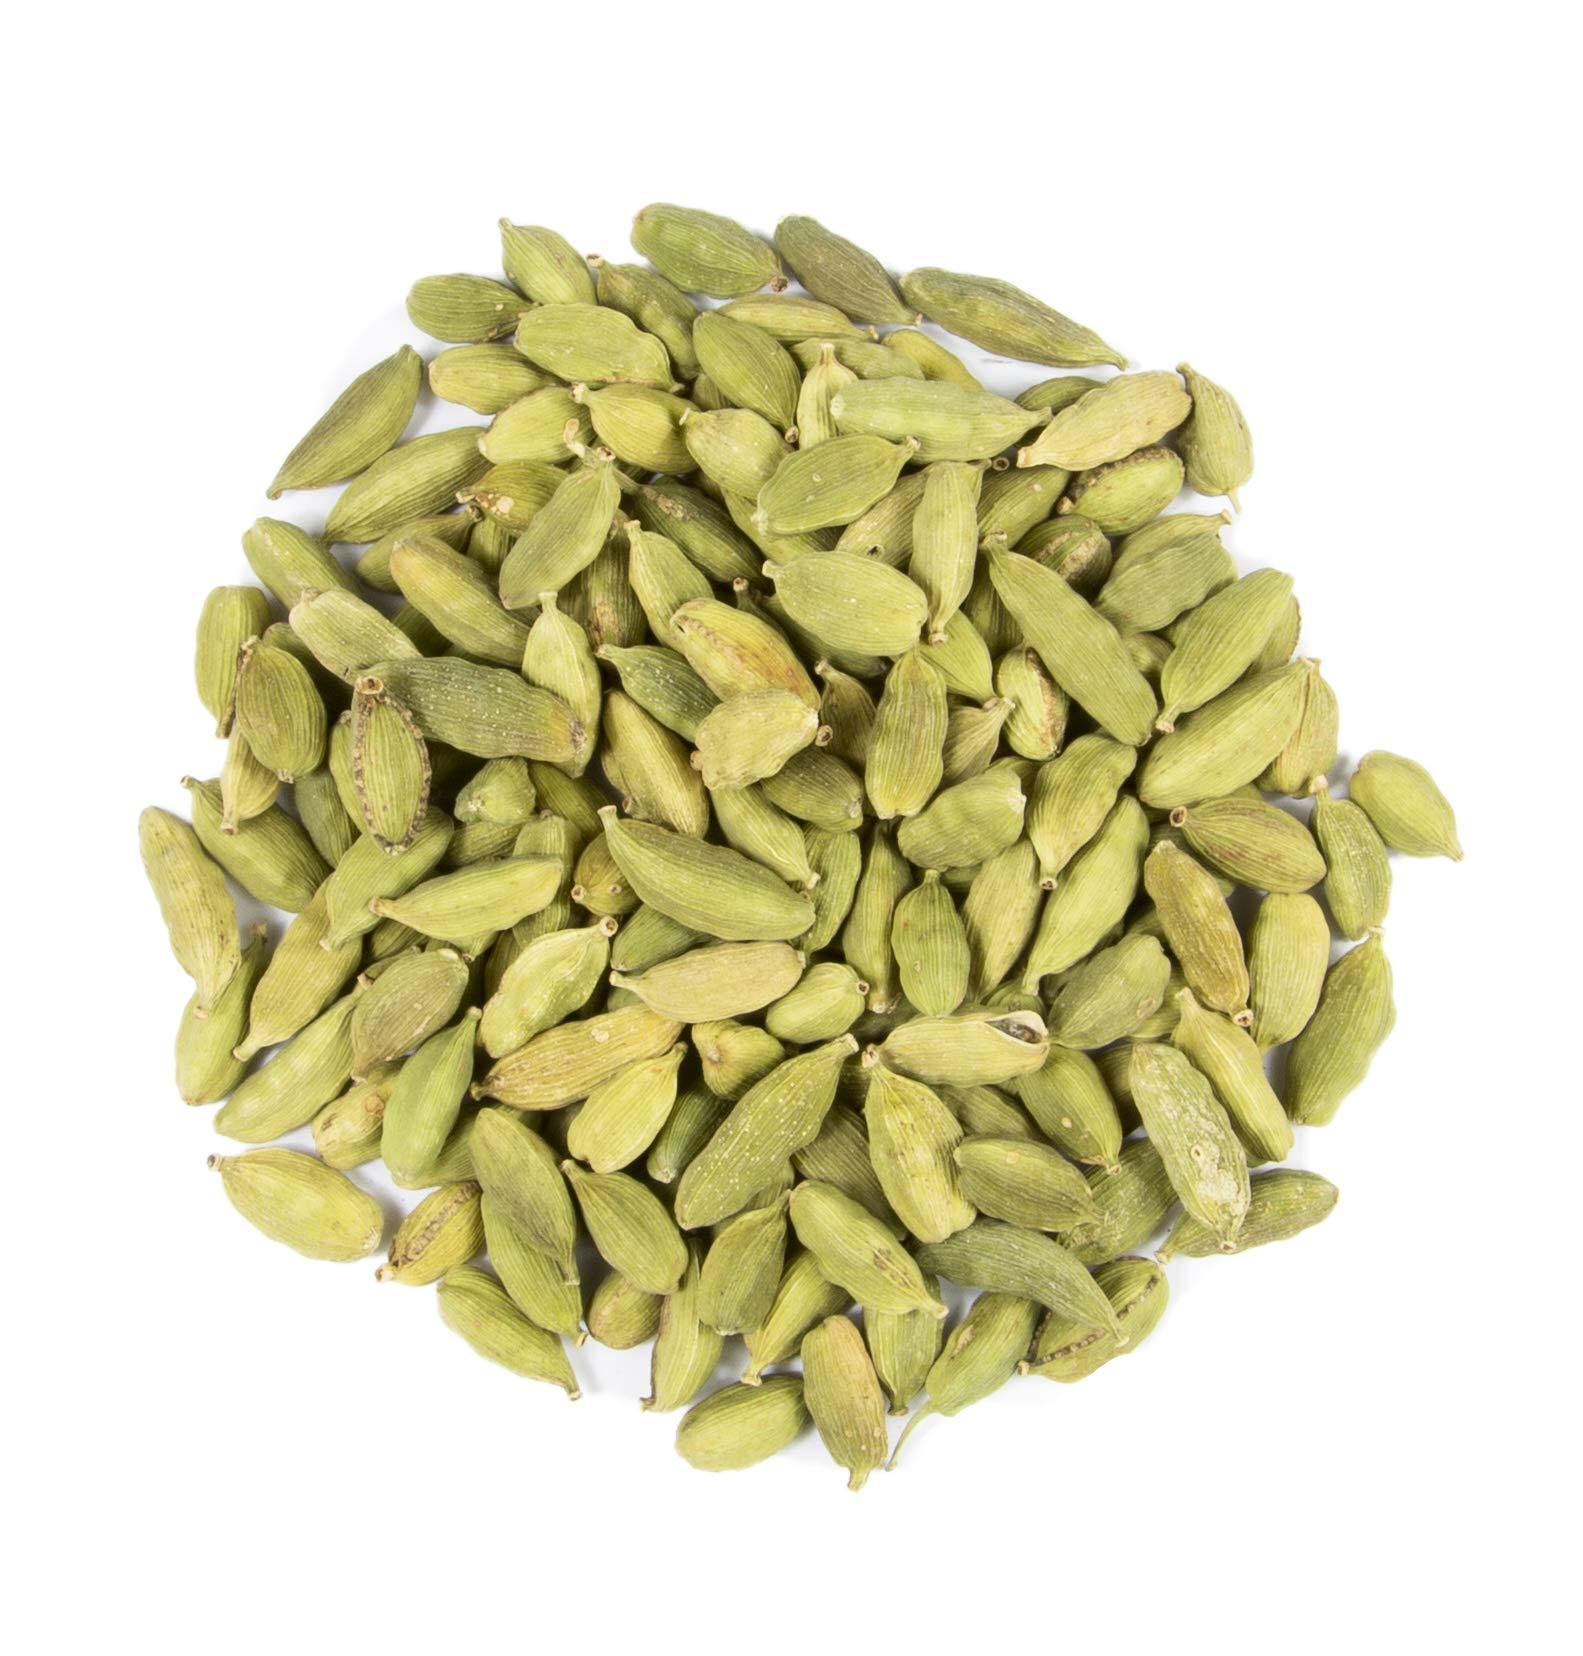 Green Cardamom Pods : Dried Indian Spice : Kosher (1.5oz.)